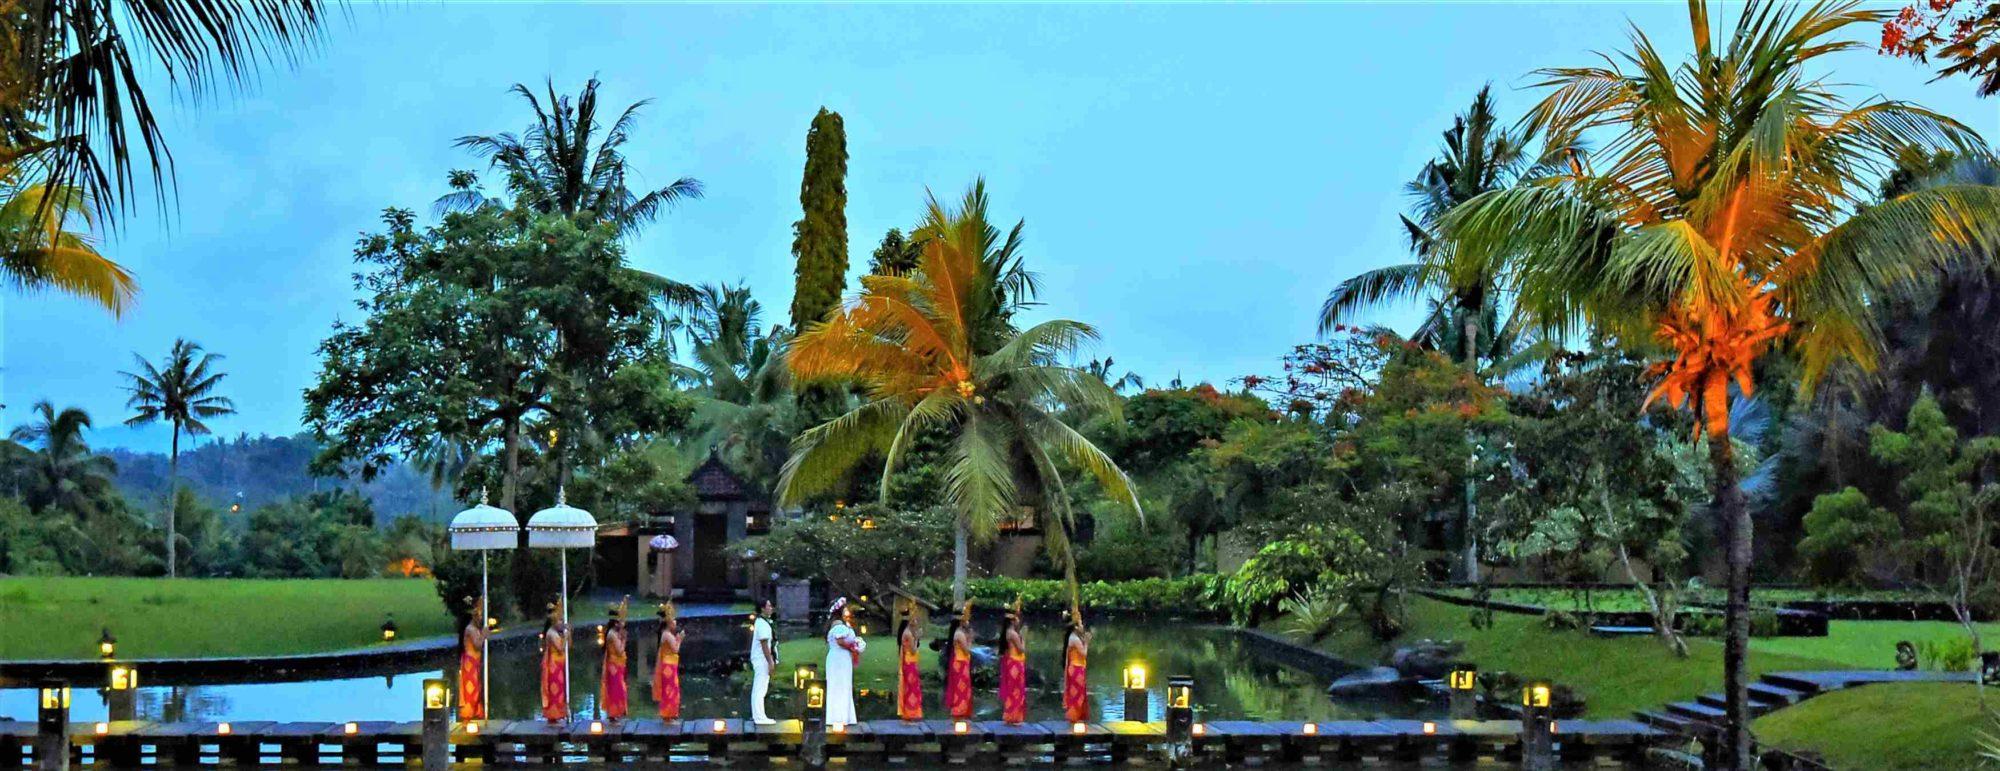 バリ島ウブド・ウェデイング The Chedi Club Tanah Gajah Ubud Bali ザ・チェディ・クラブ・ウブド・バリ挙式